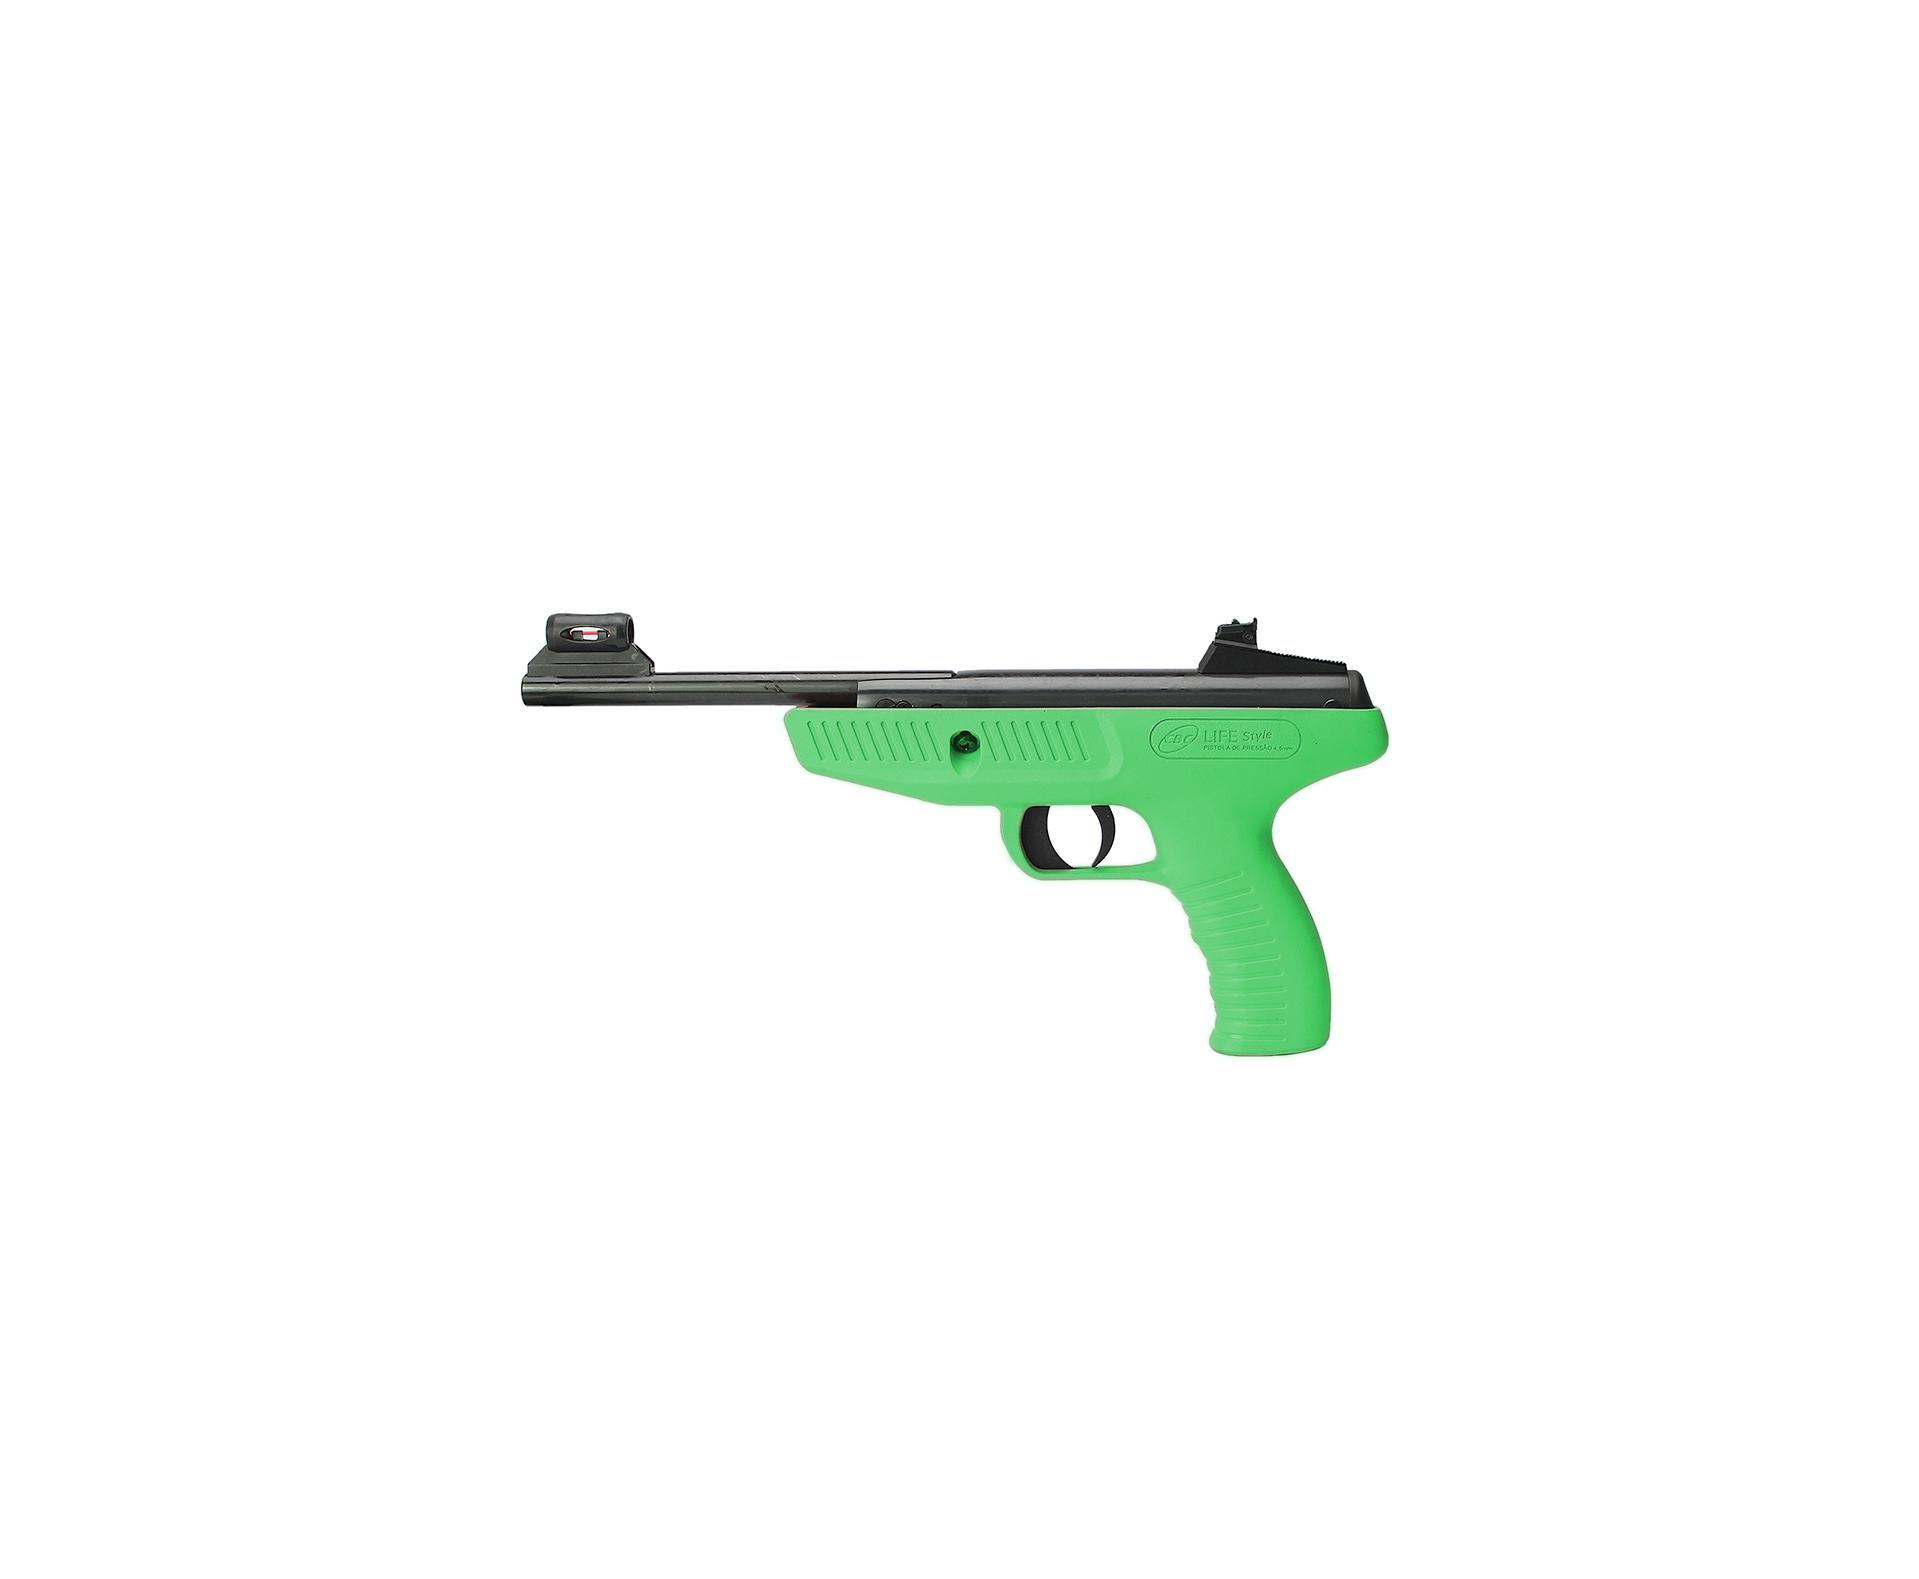 Pistola De Pressão Cbc Life Style Verde - Calibre 4,5 Mm